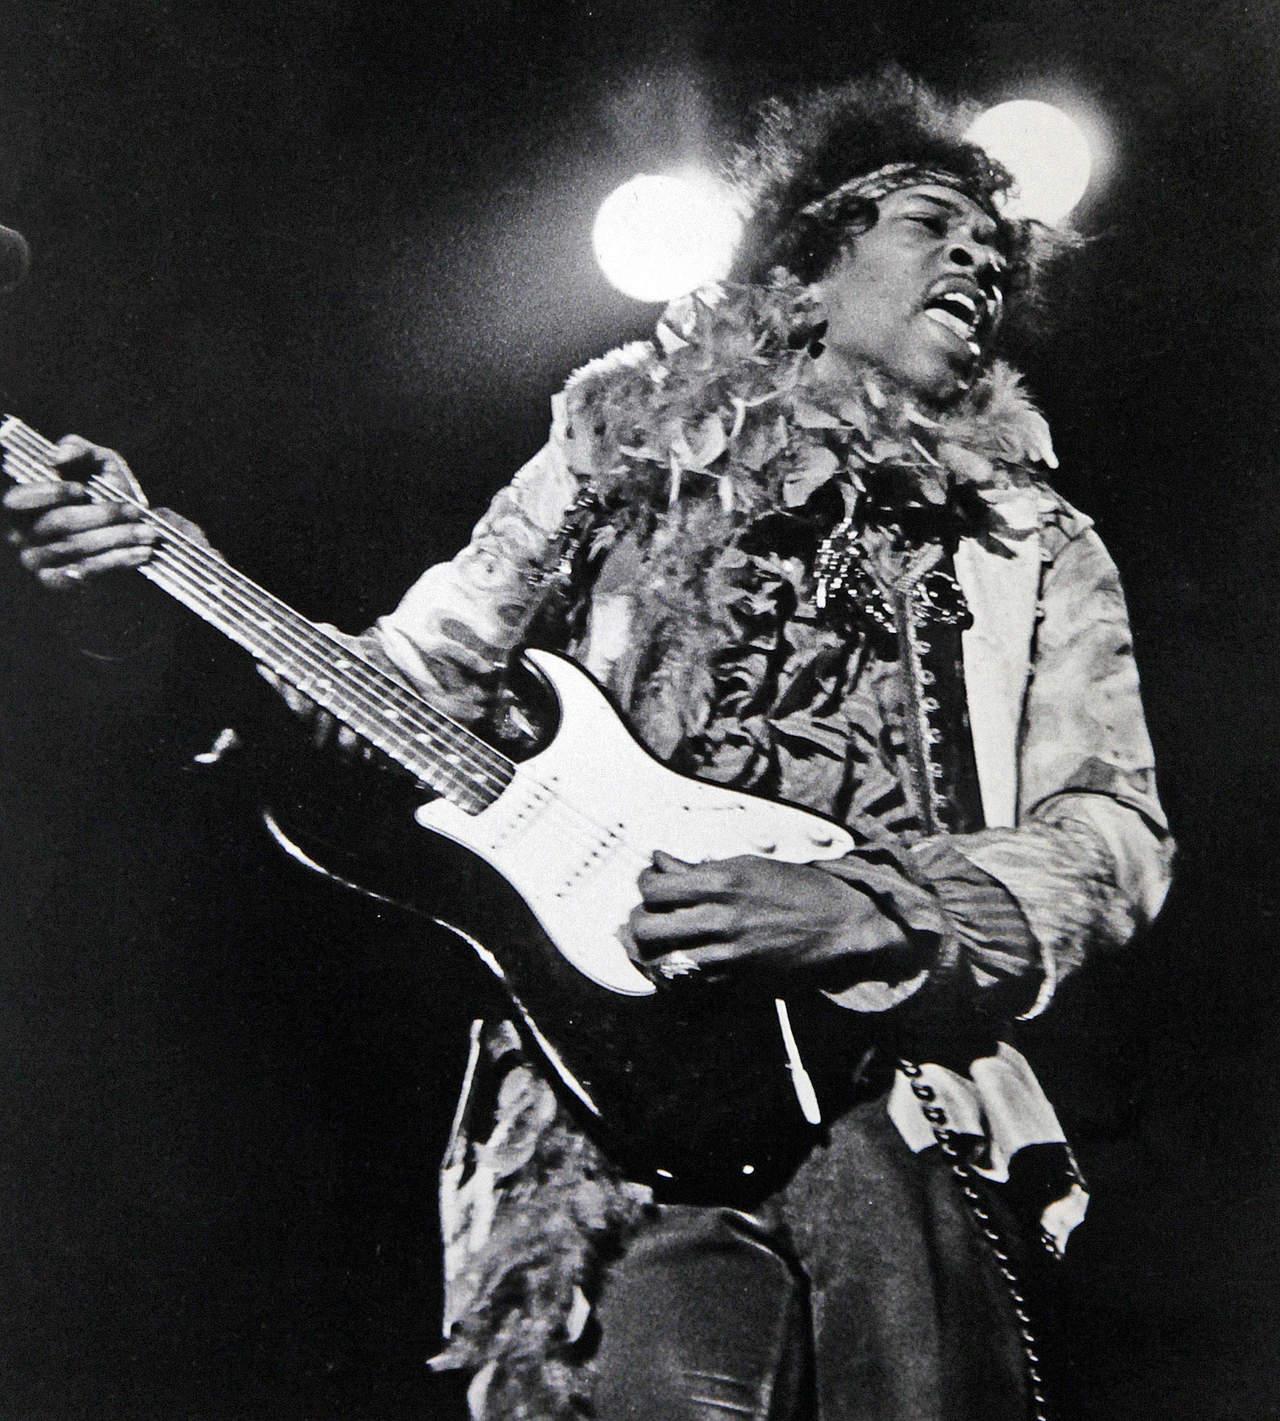 1970: Da su último respiro Jimi Hendrix, el mejor guitarrista de todos los tiempos